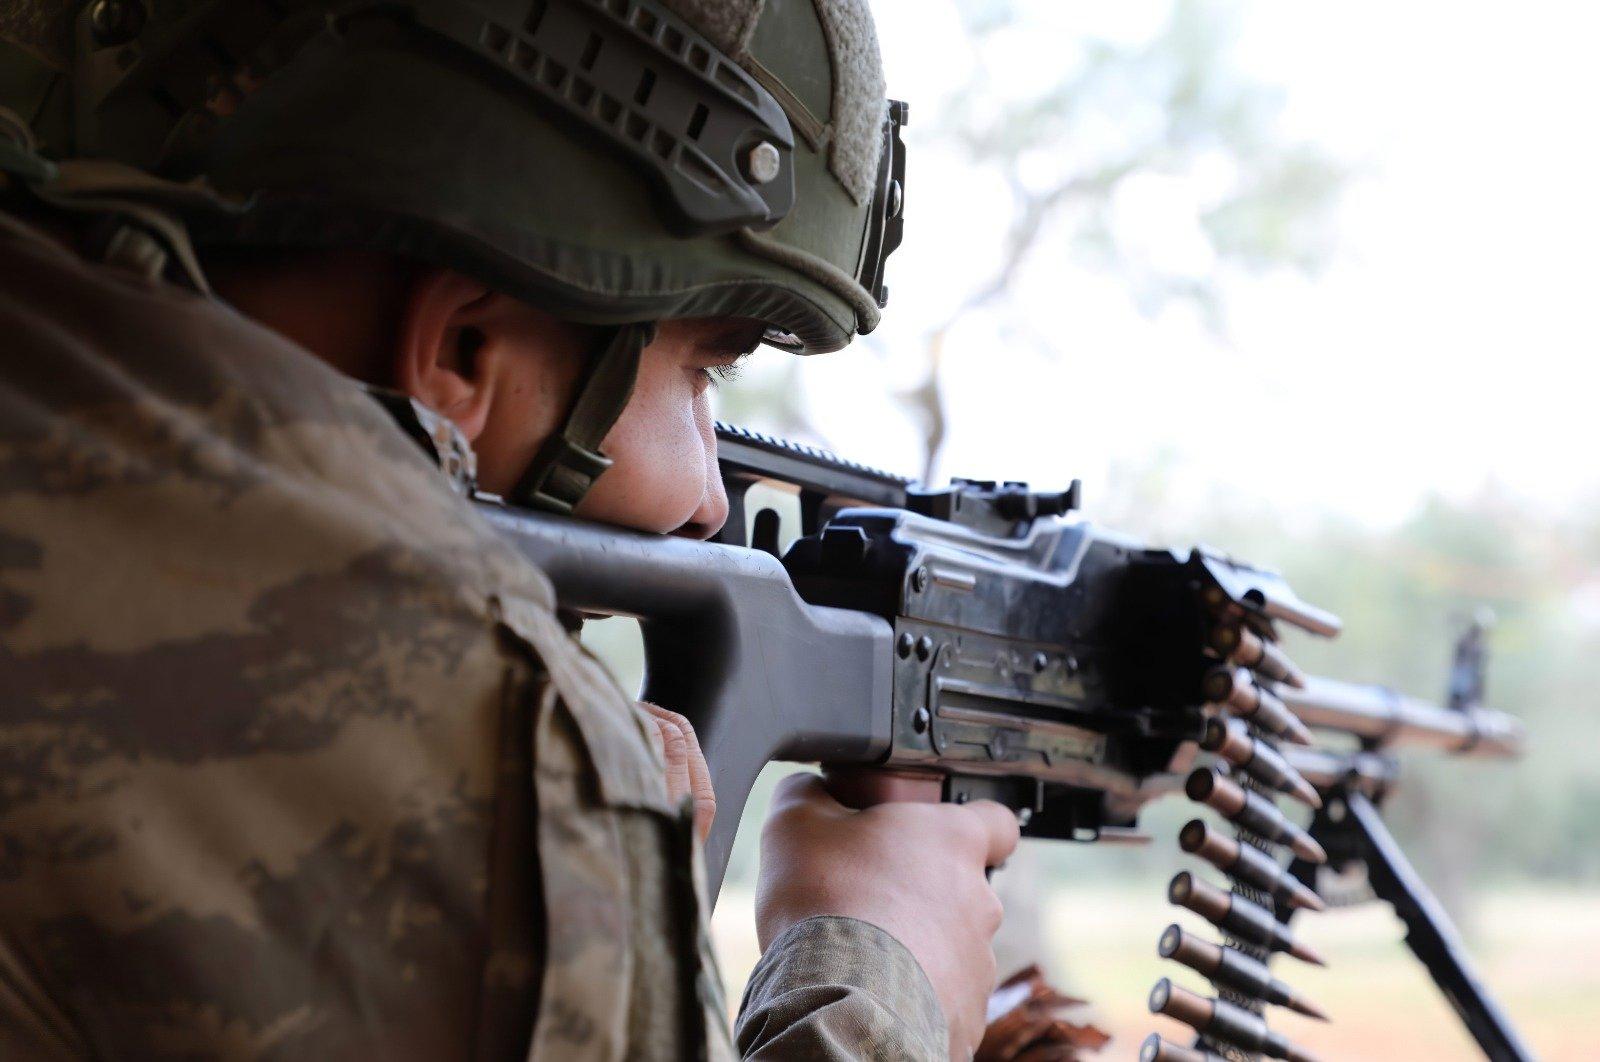 Un suspect du PKK recherché pour l'attentat à la bombe d'Ankara en 2011 arrêté